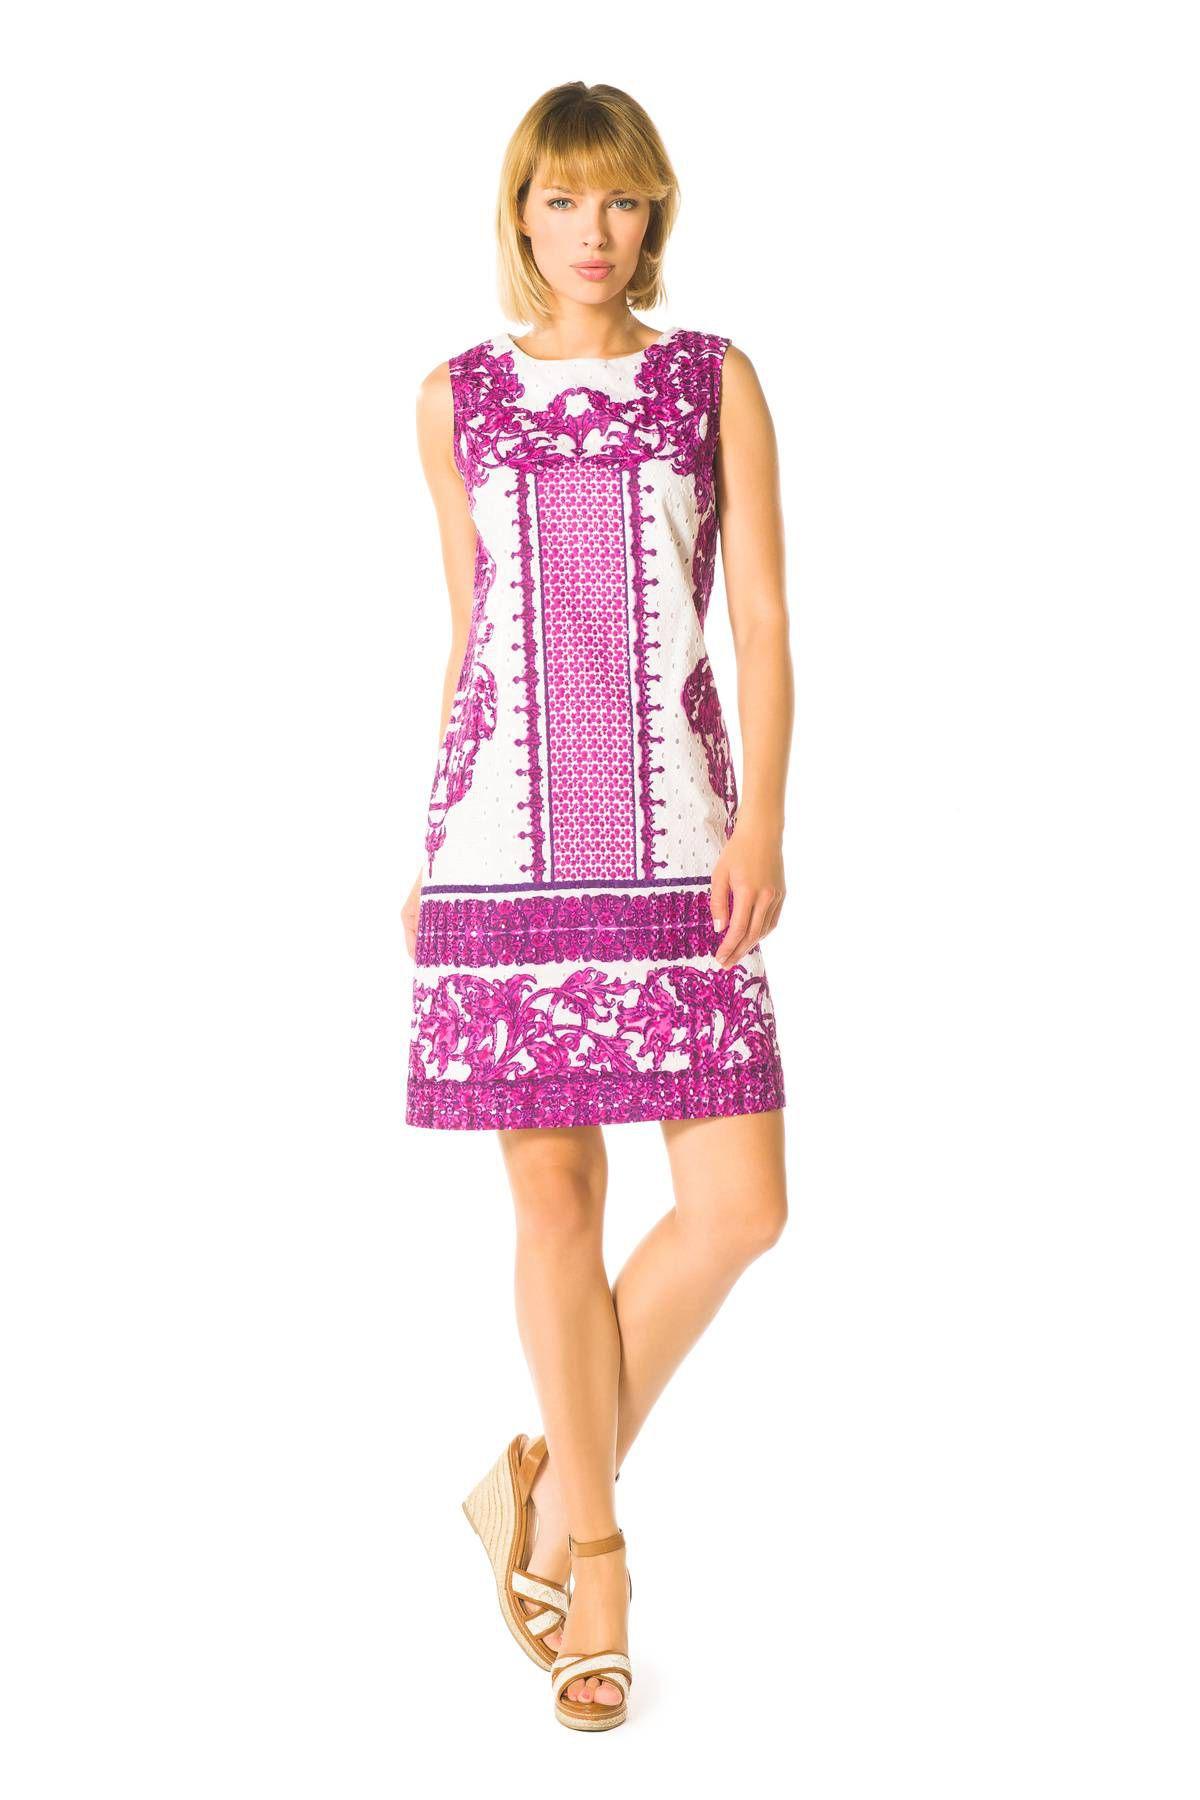 Рисунок павлина на платье